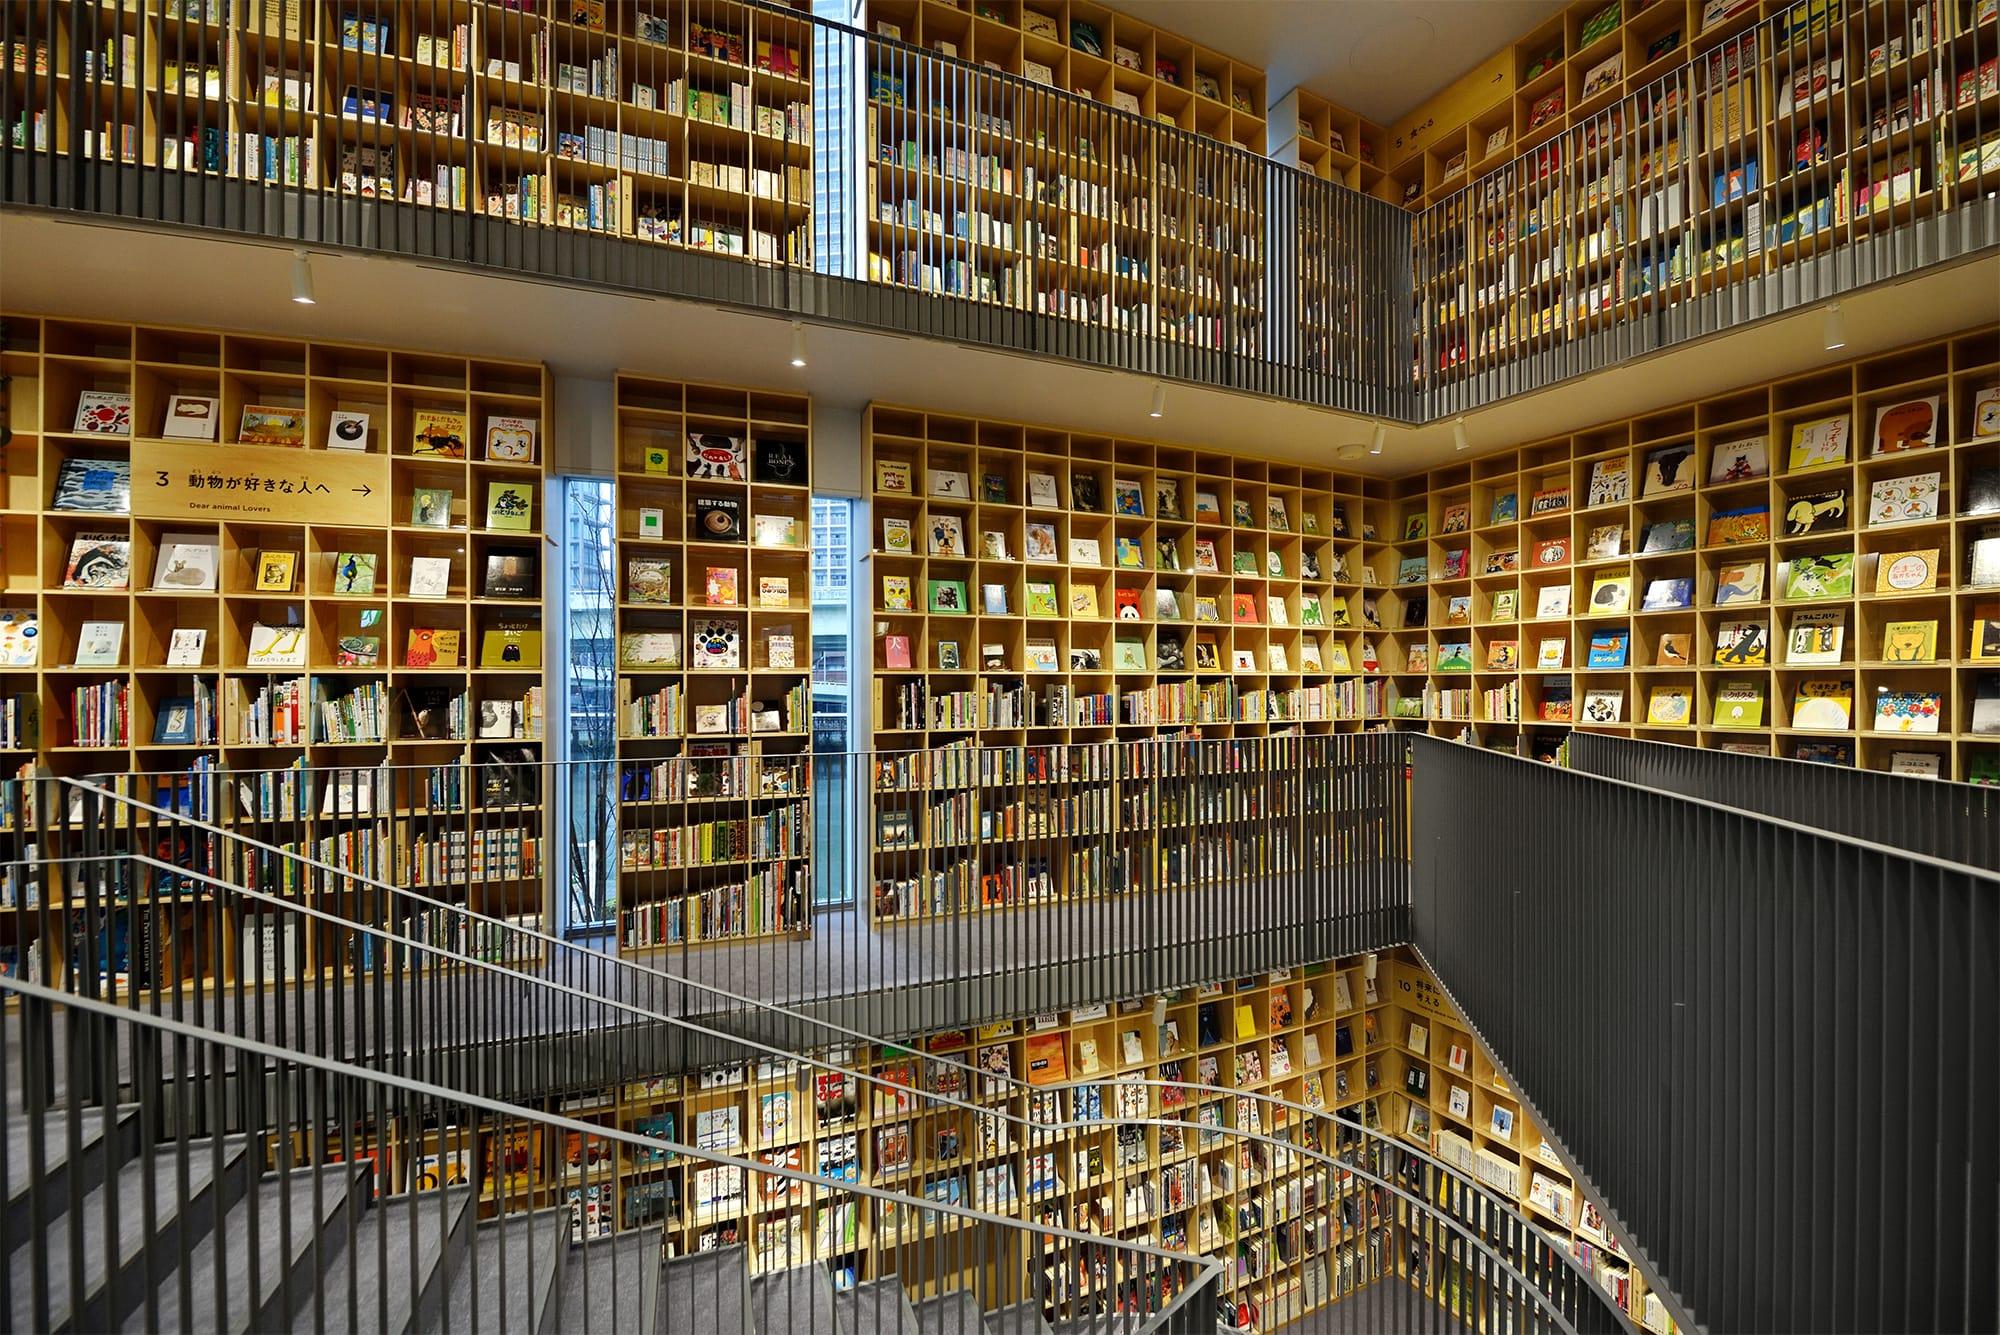 """3フロア分の壁がすべて本棚になっている、まさに""""本の森""""のようだ。"""